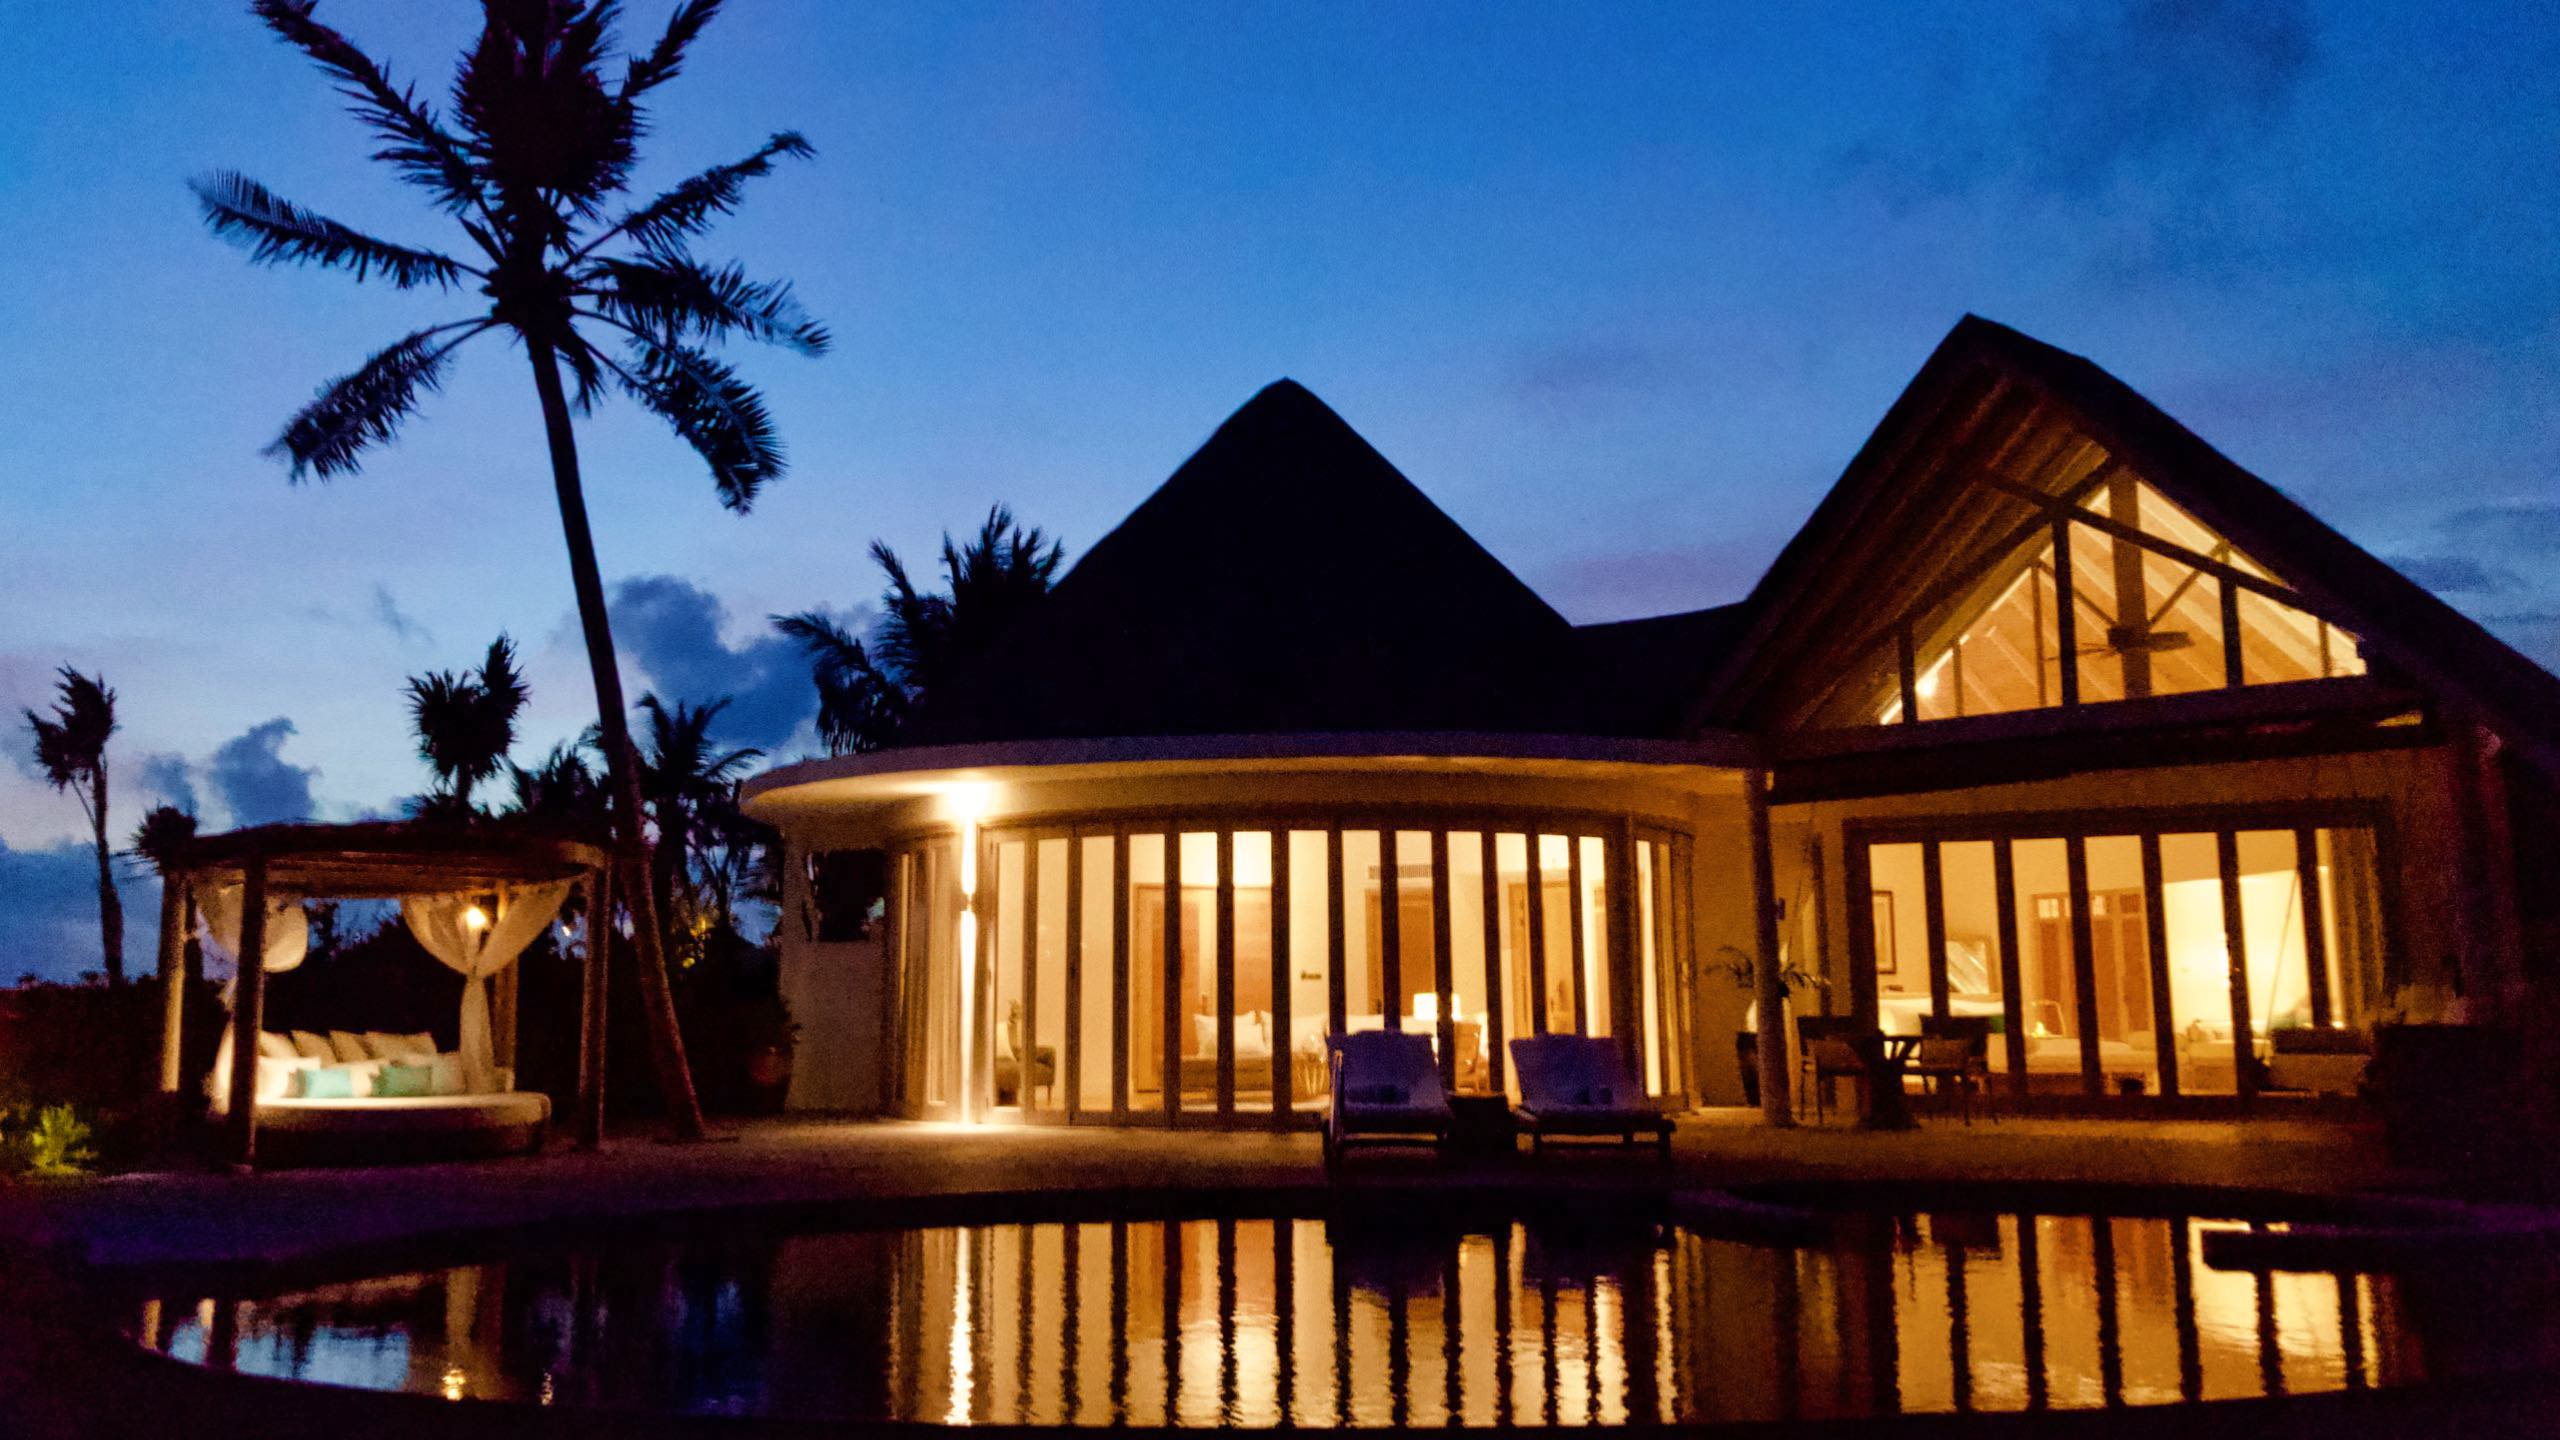 zum verlieben milaidhoo island das malediven paradies luxus reiseblog reise. Black Bedroom Furniture Sets. Home Design Ideas